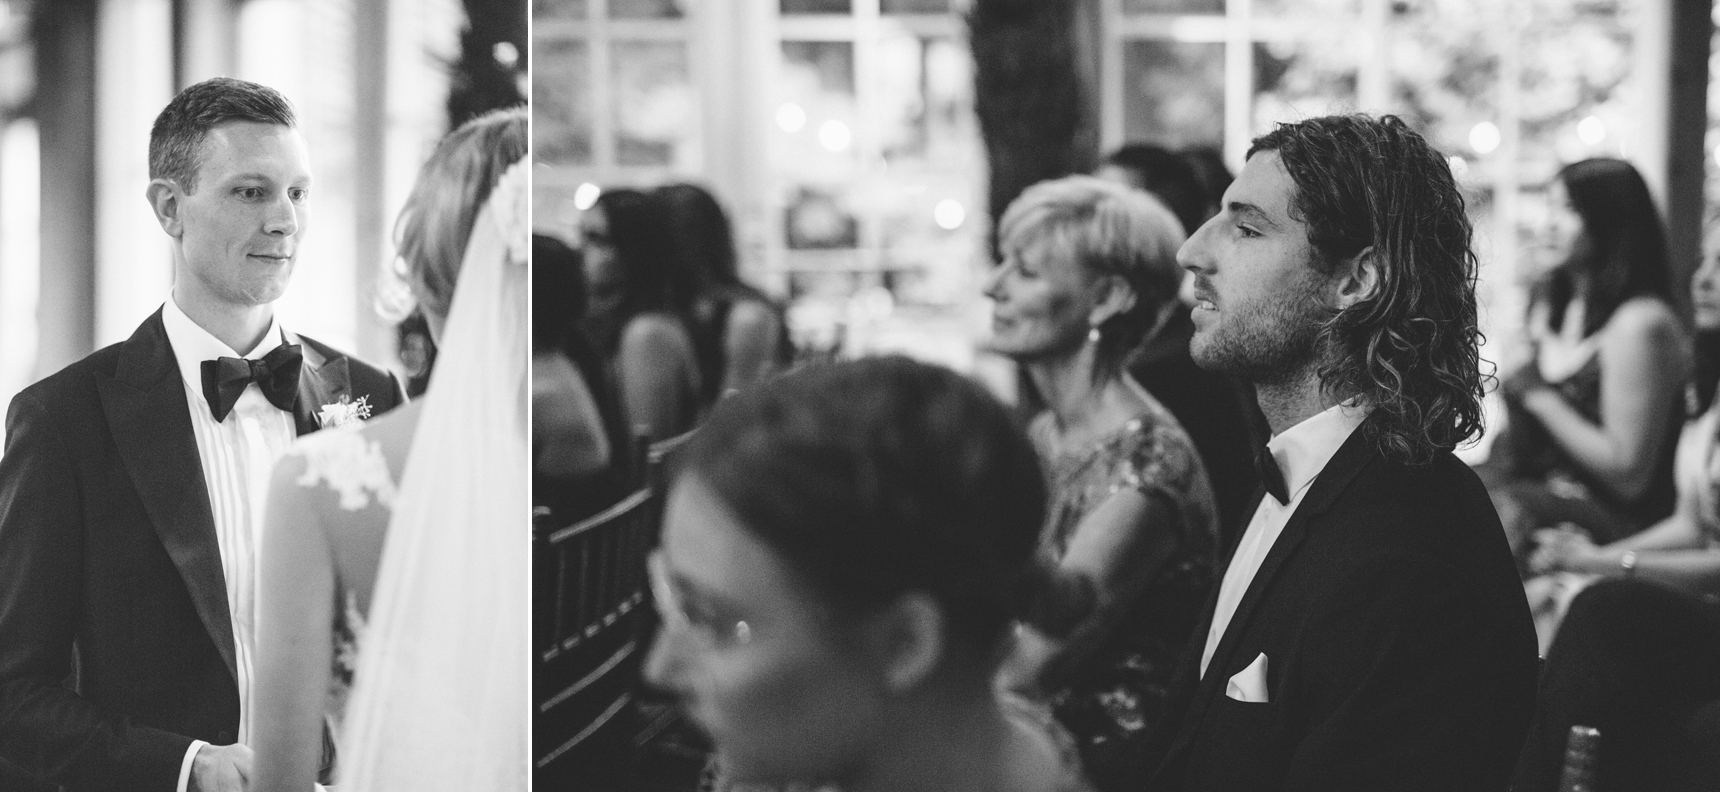 Jory_LoebBoathouse_CentralPark_NewYork_WeddingPhotographer096.jpg